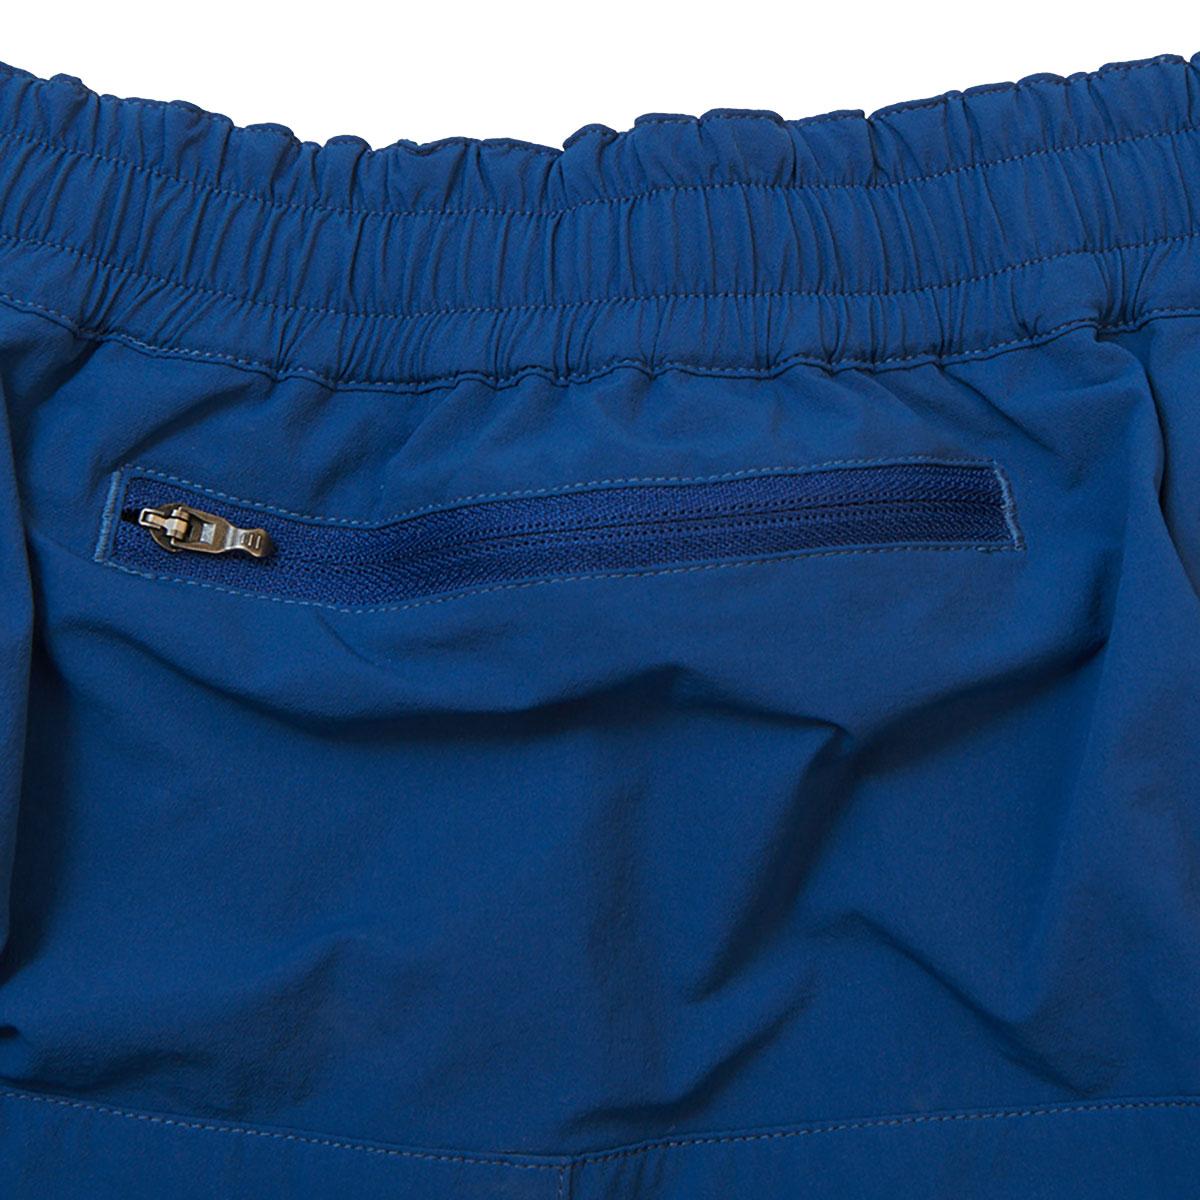 同社のウィンドシェル「Wind River Hoody」が収納可能なヒップポケット。